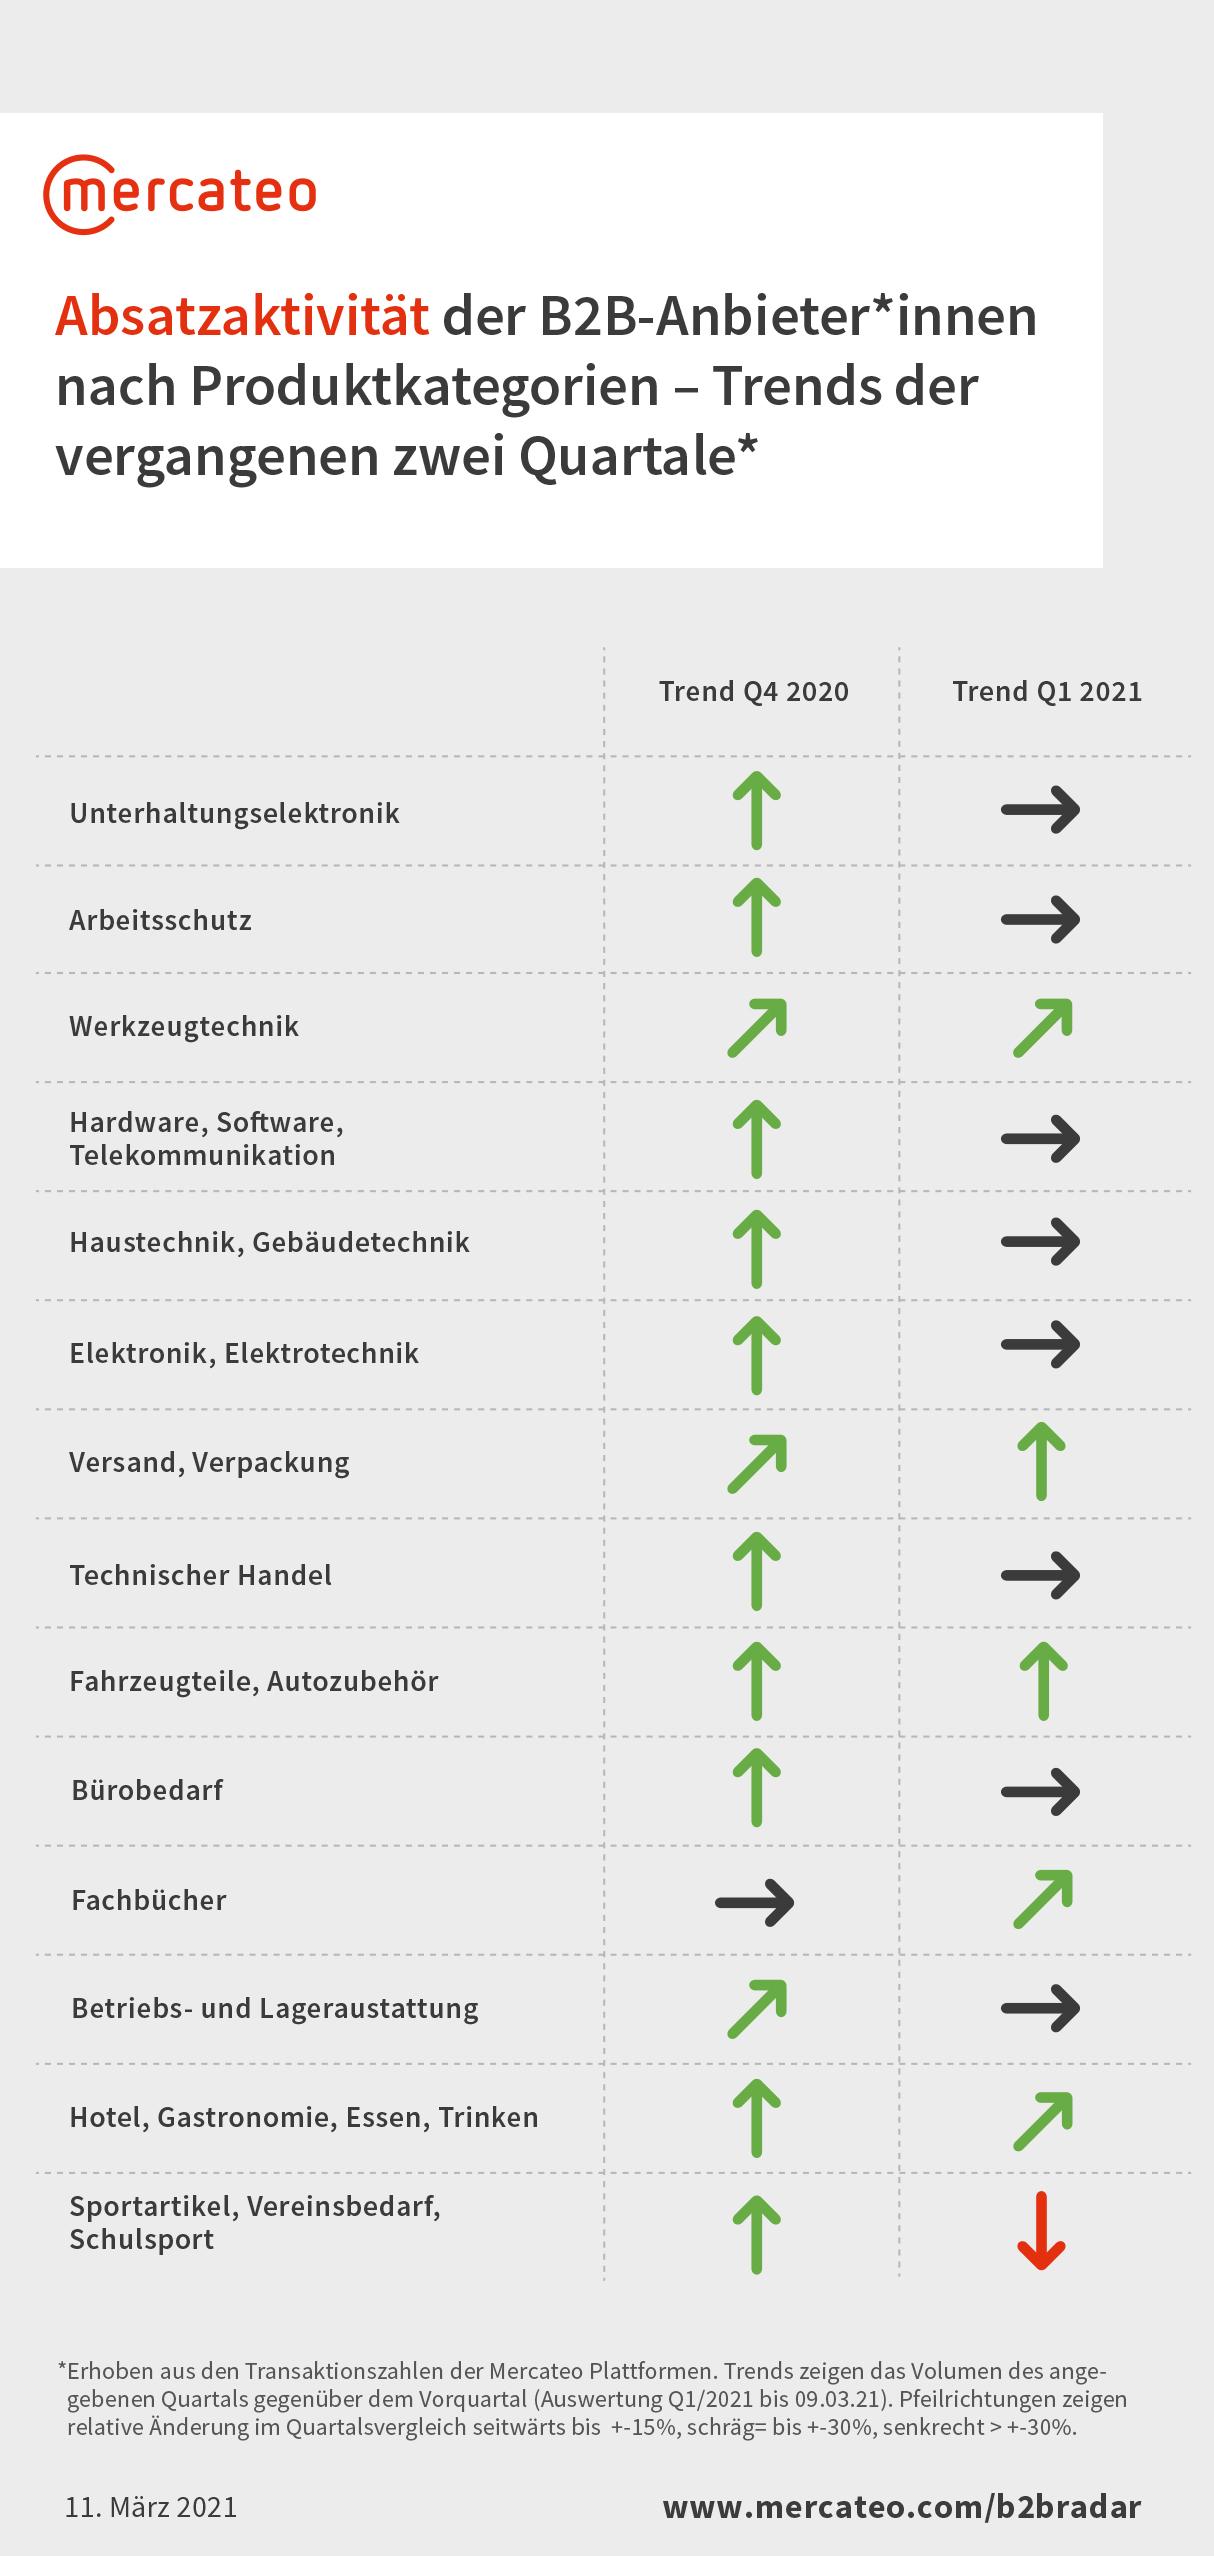 Absatzaktivität der B2B-Anbieter*innen nach Produktkategorien